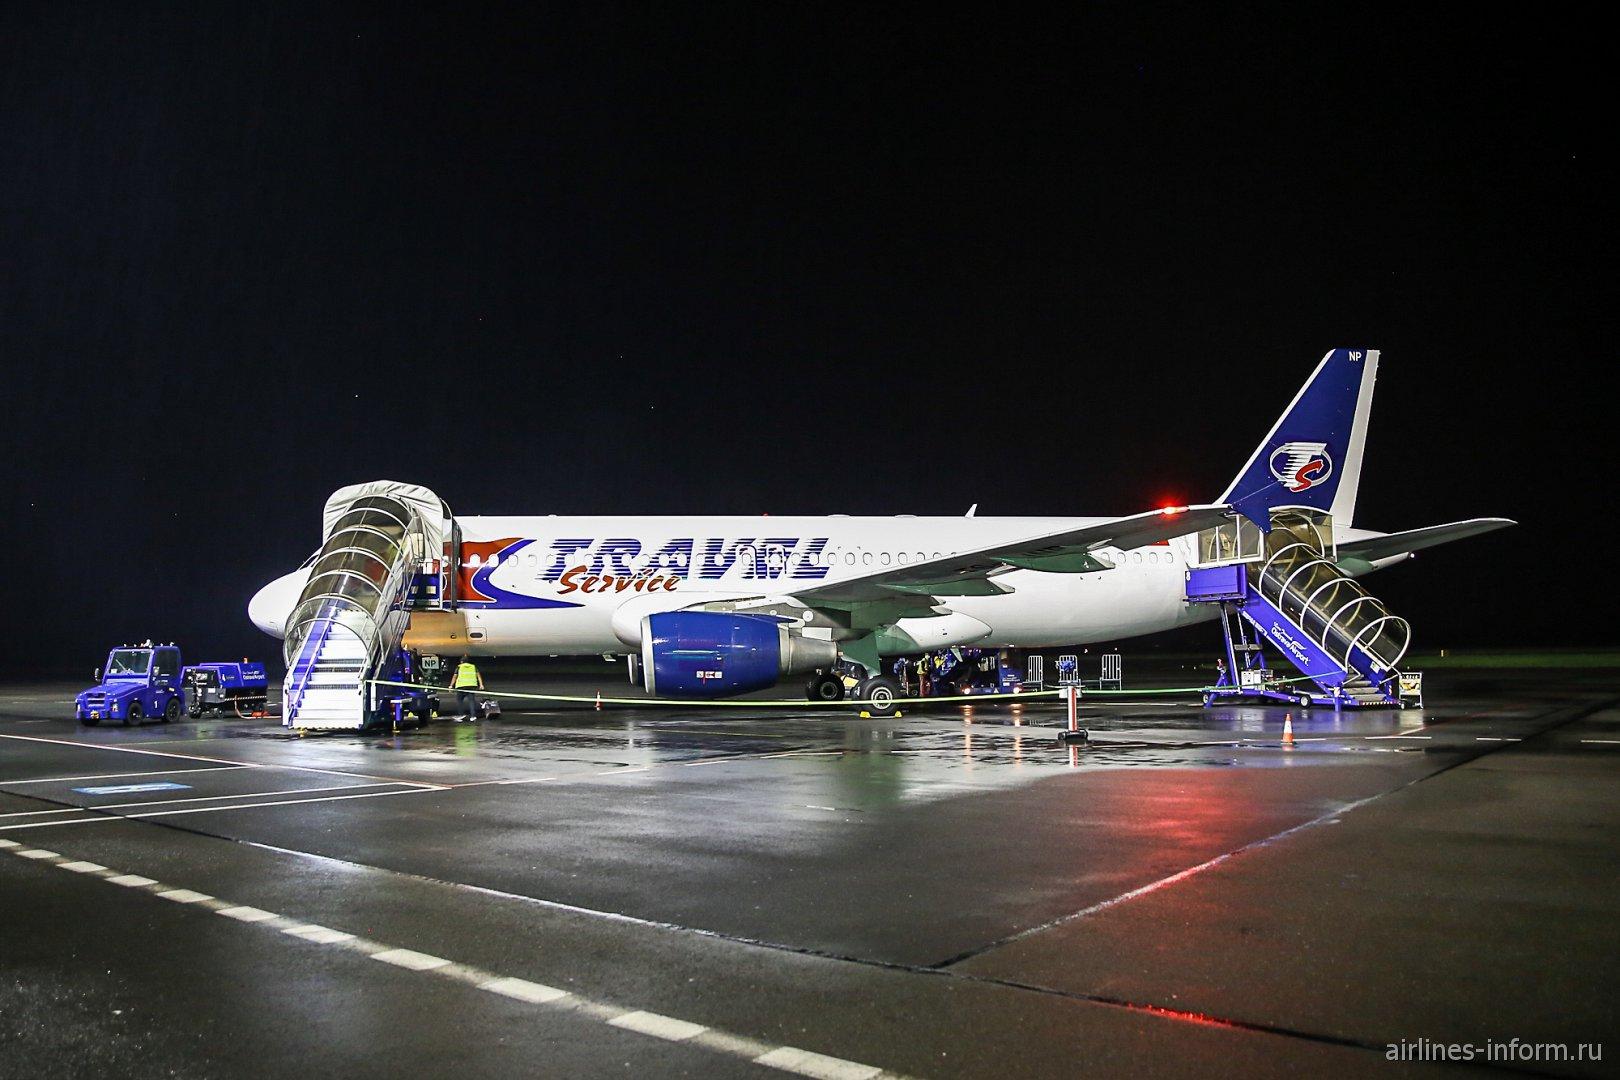 Бургас - Острава на чешско-тунисском самолете